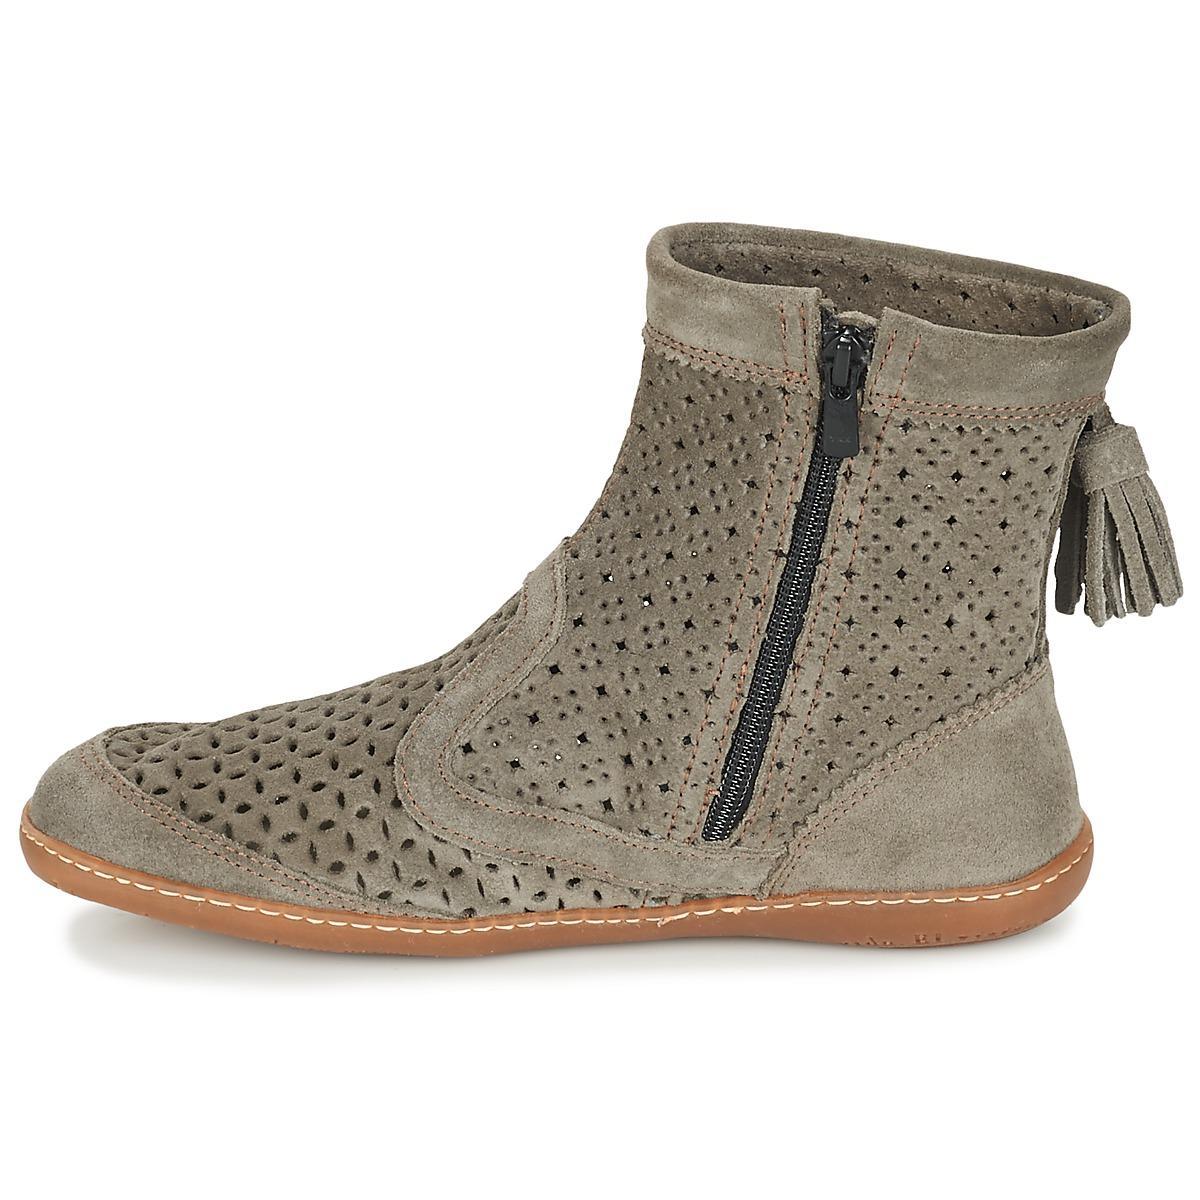 El Naturalista Rubber El Viajero Boot Mid Boots in Grey (Grey)